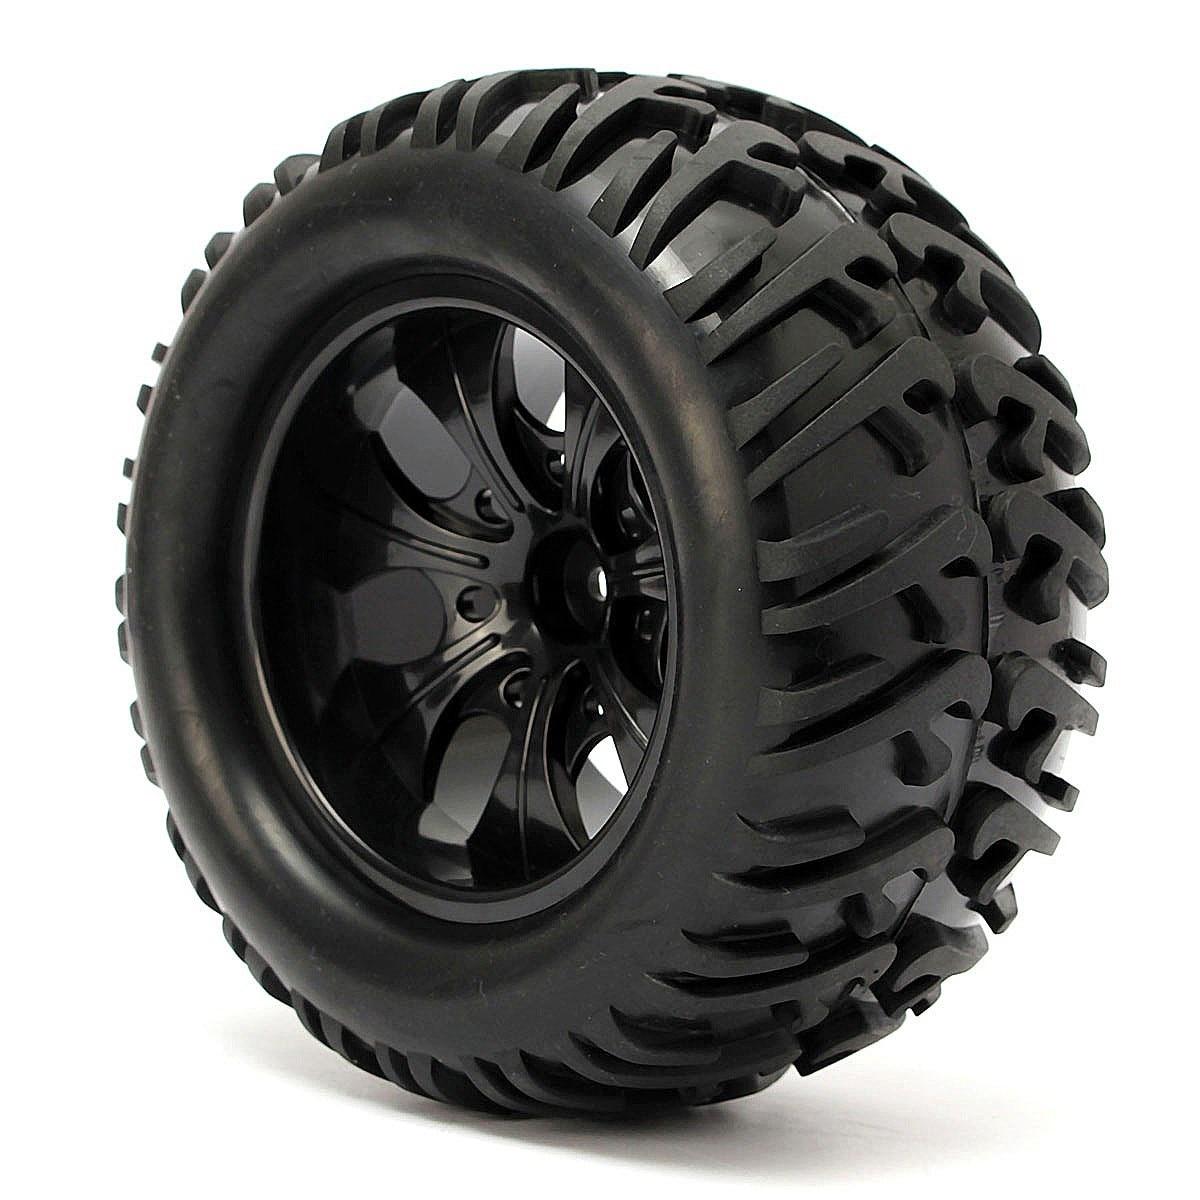 4 piezas 12mm Racing Rueda y neumáticos Redcat HSP 1:10 Monster truck RC coche en carretera partes 12mm Hub 88005